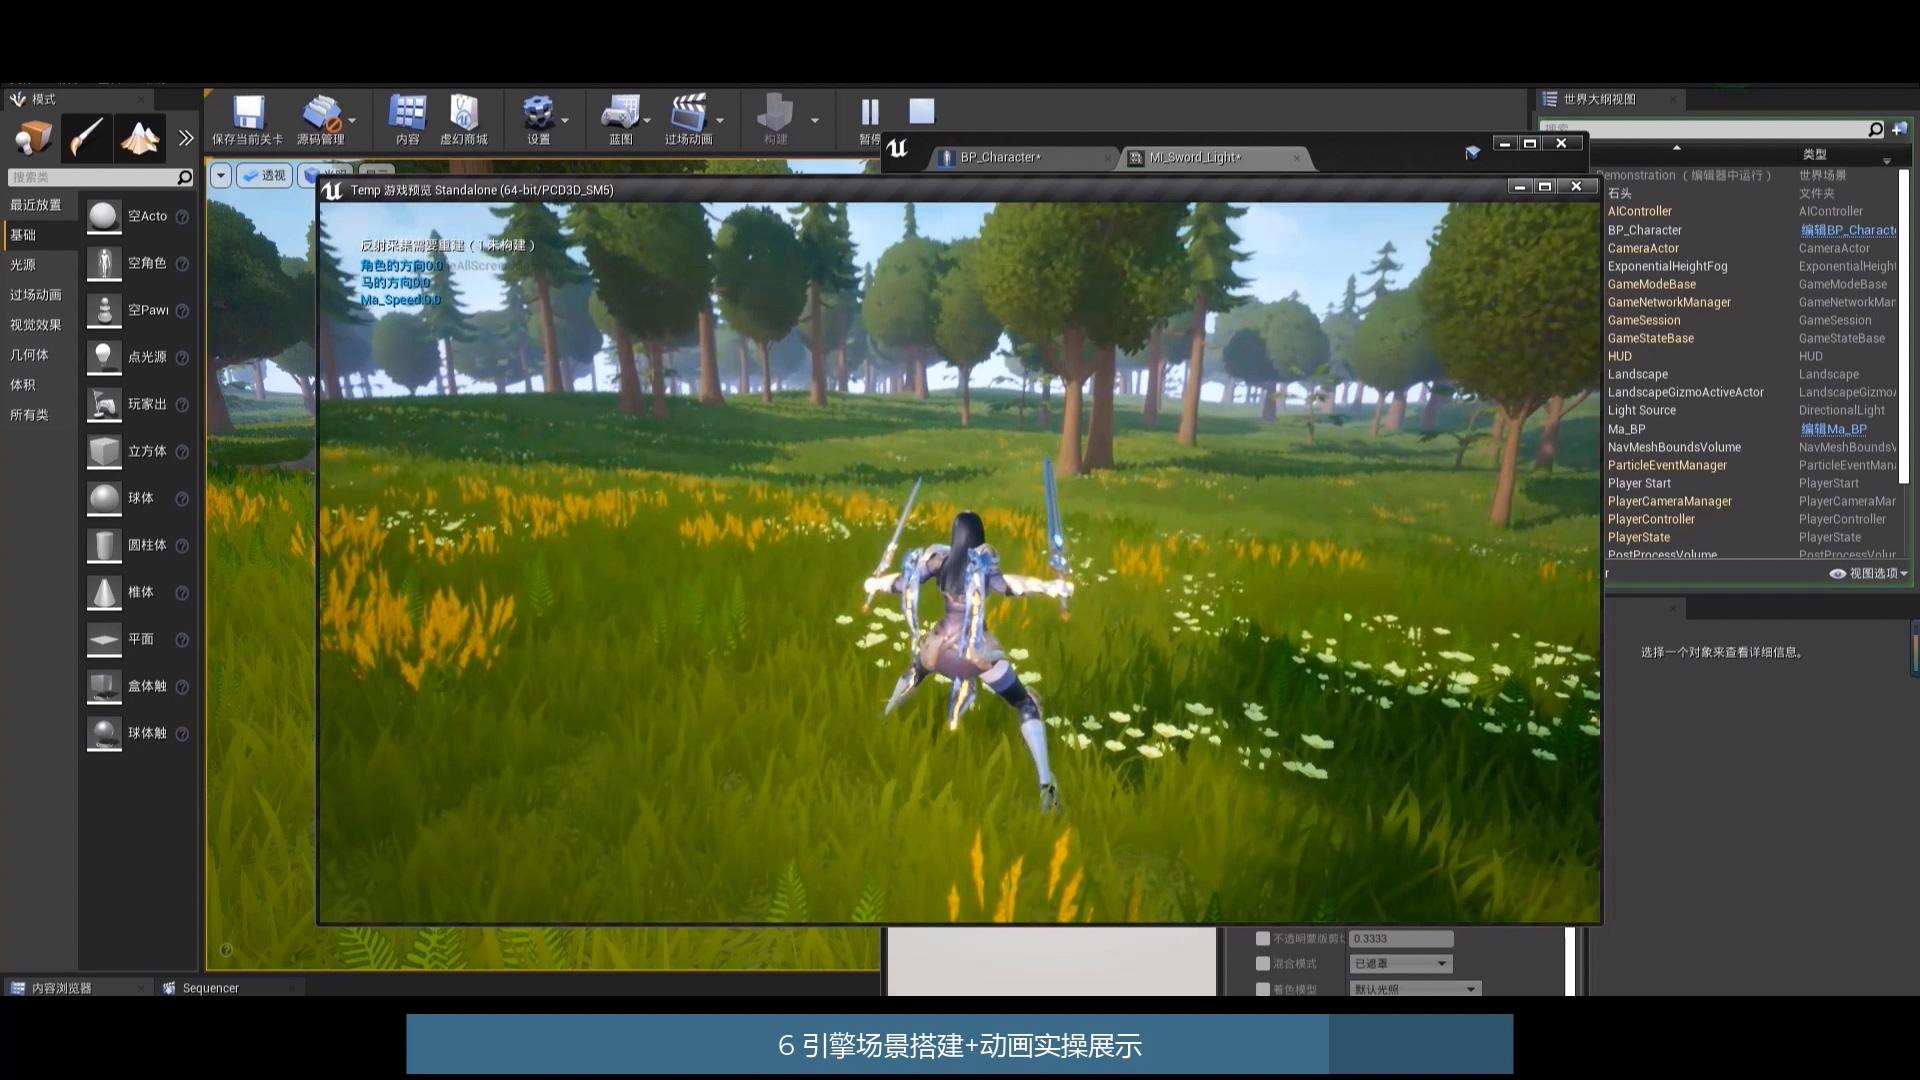 郑佳《动画师与虚幻引擎》案例展示视频.mp4_20211007_103209.685.jpg